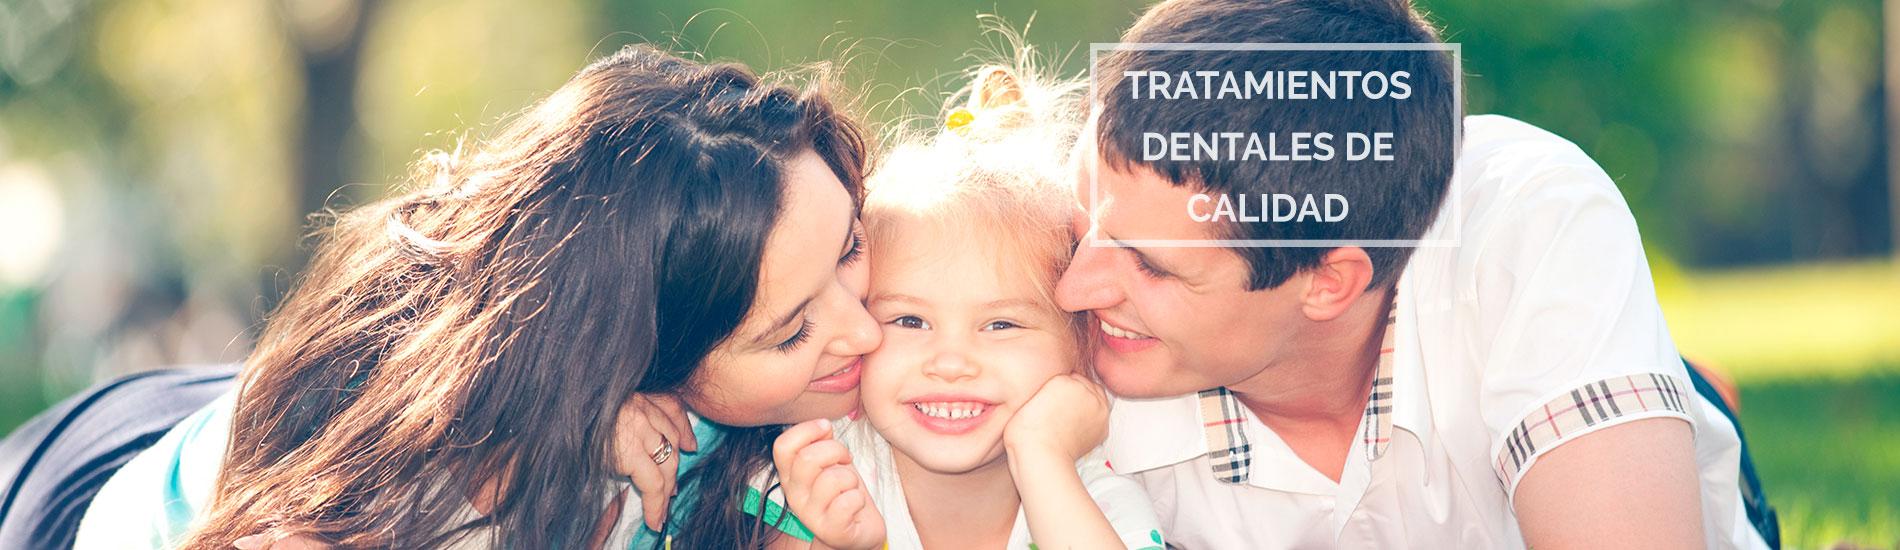 tratamientos dentales granada